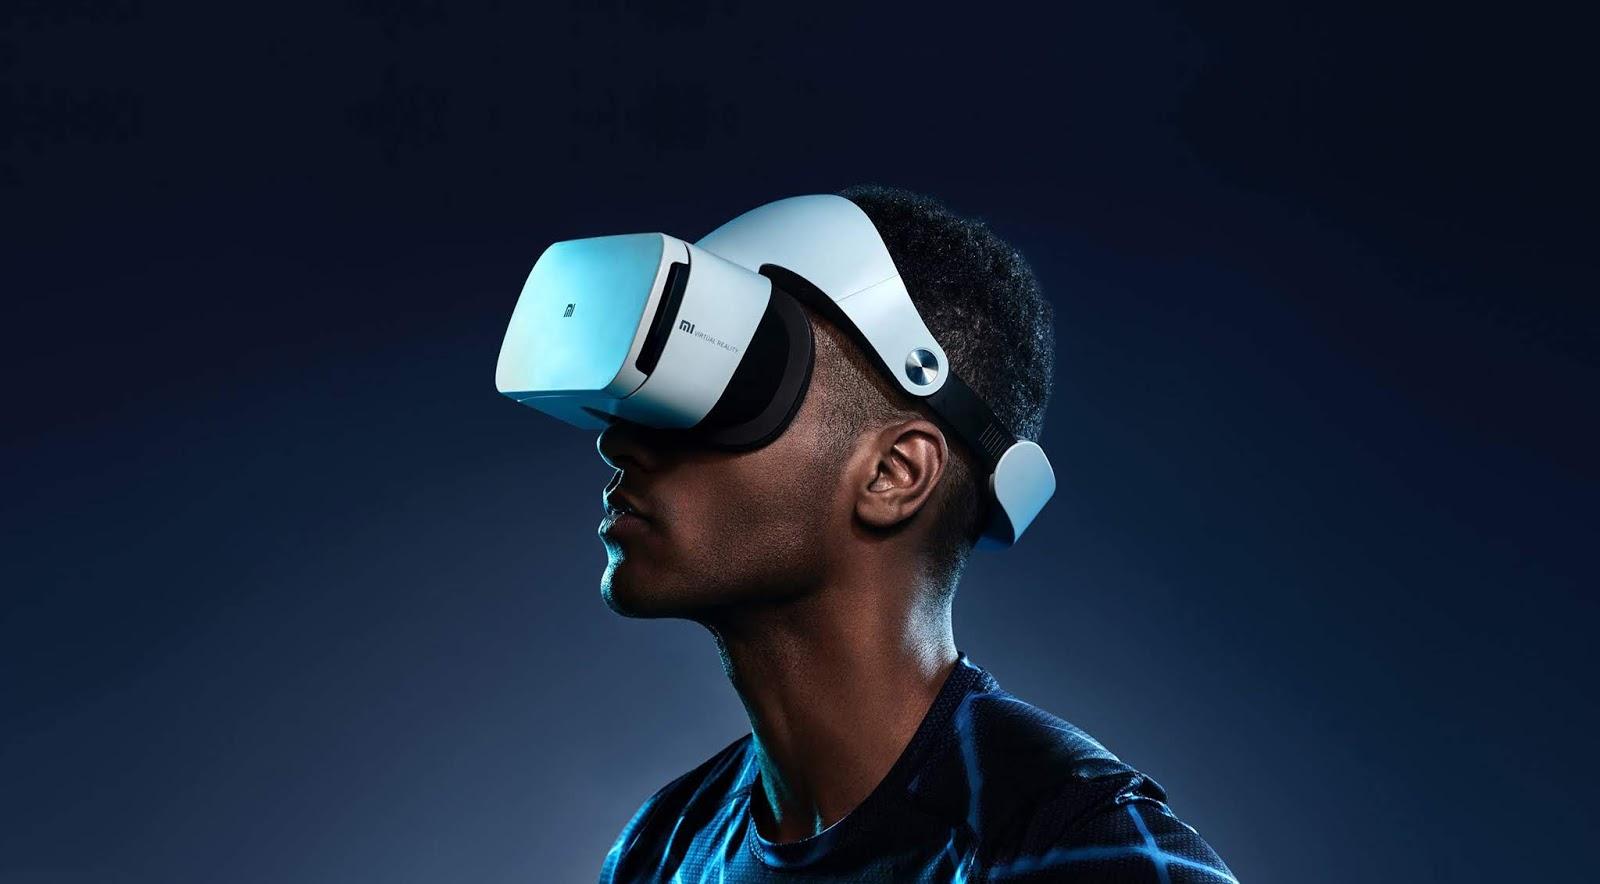 طريقة مشاهدة فيديوهات الواقع الافتراضي في ار VR على الكمبيوتر بدون النظارة